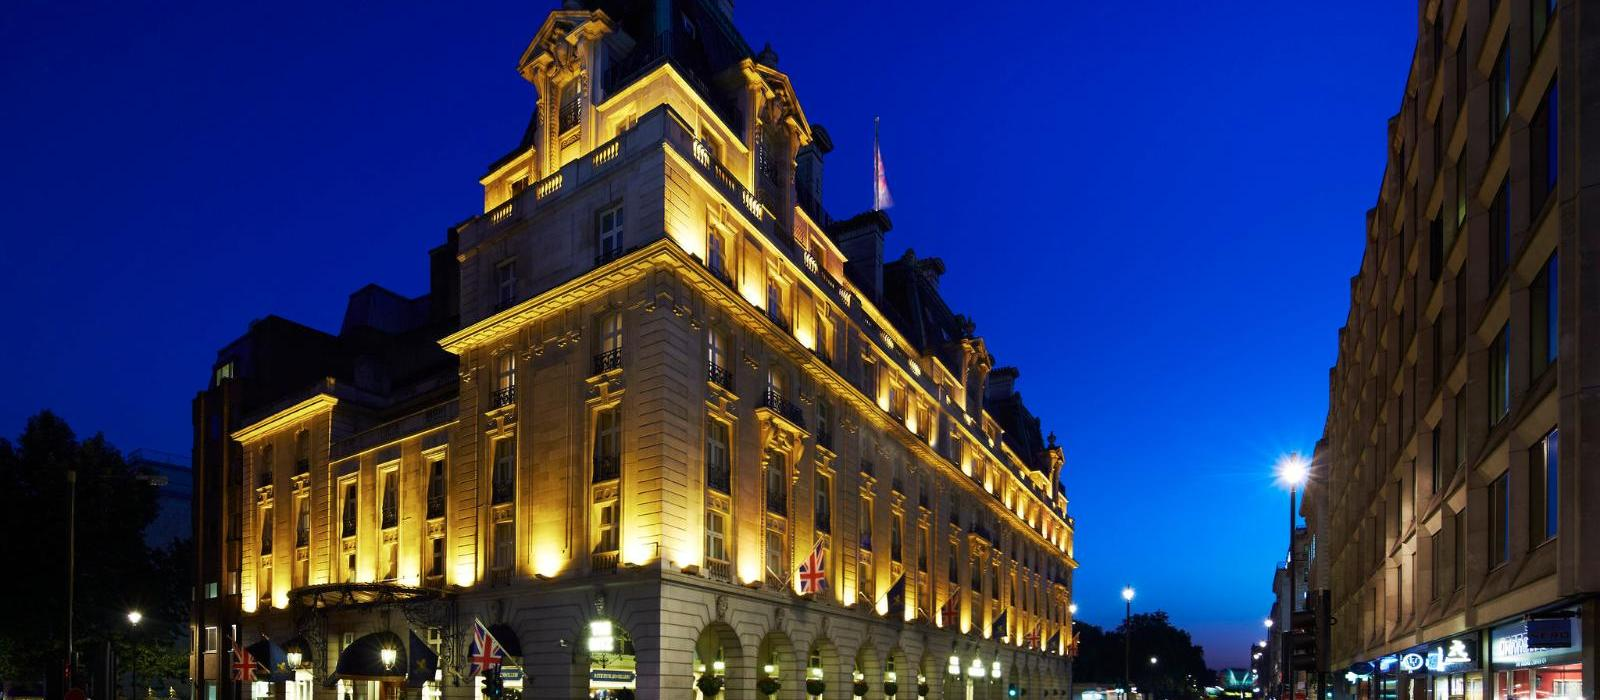 伦敦丽兹酒店(The Ritz London) 外景图片  www.lhw.cn